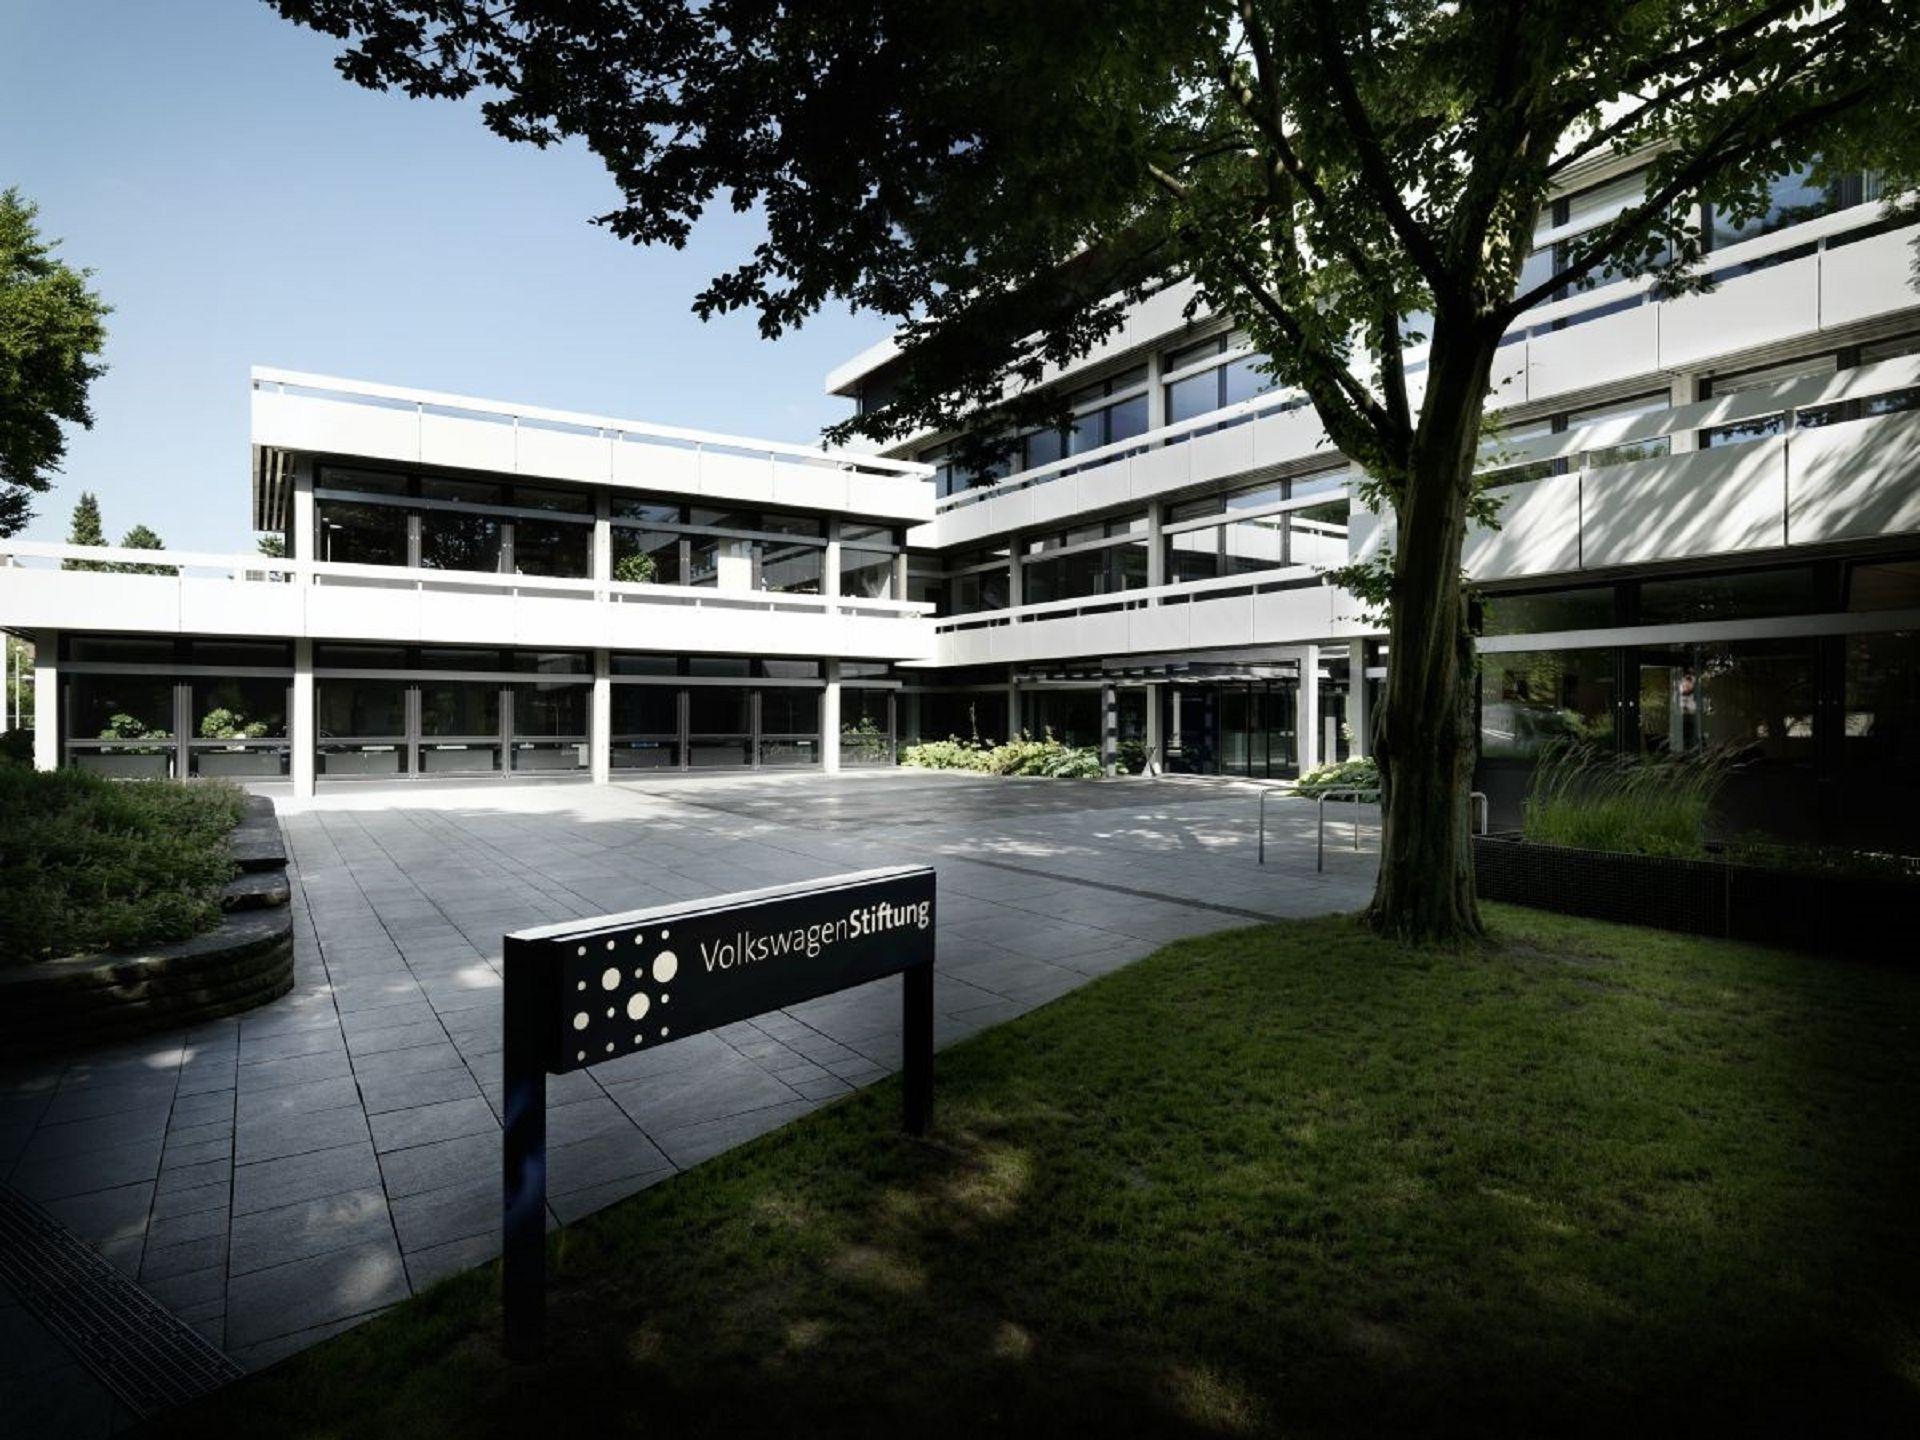 k-VW-Stiftung_6-2018_21